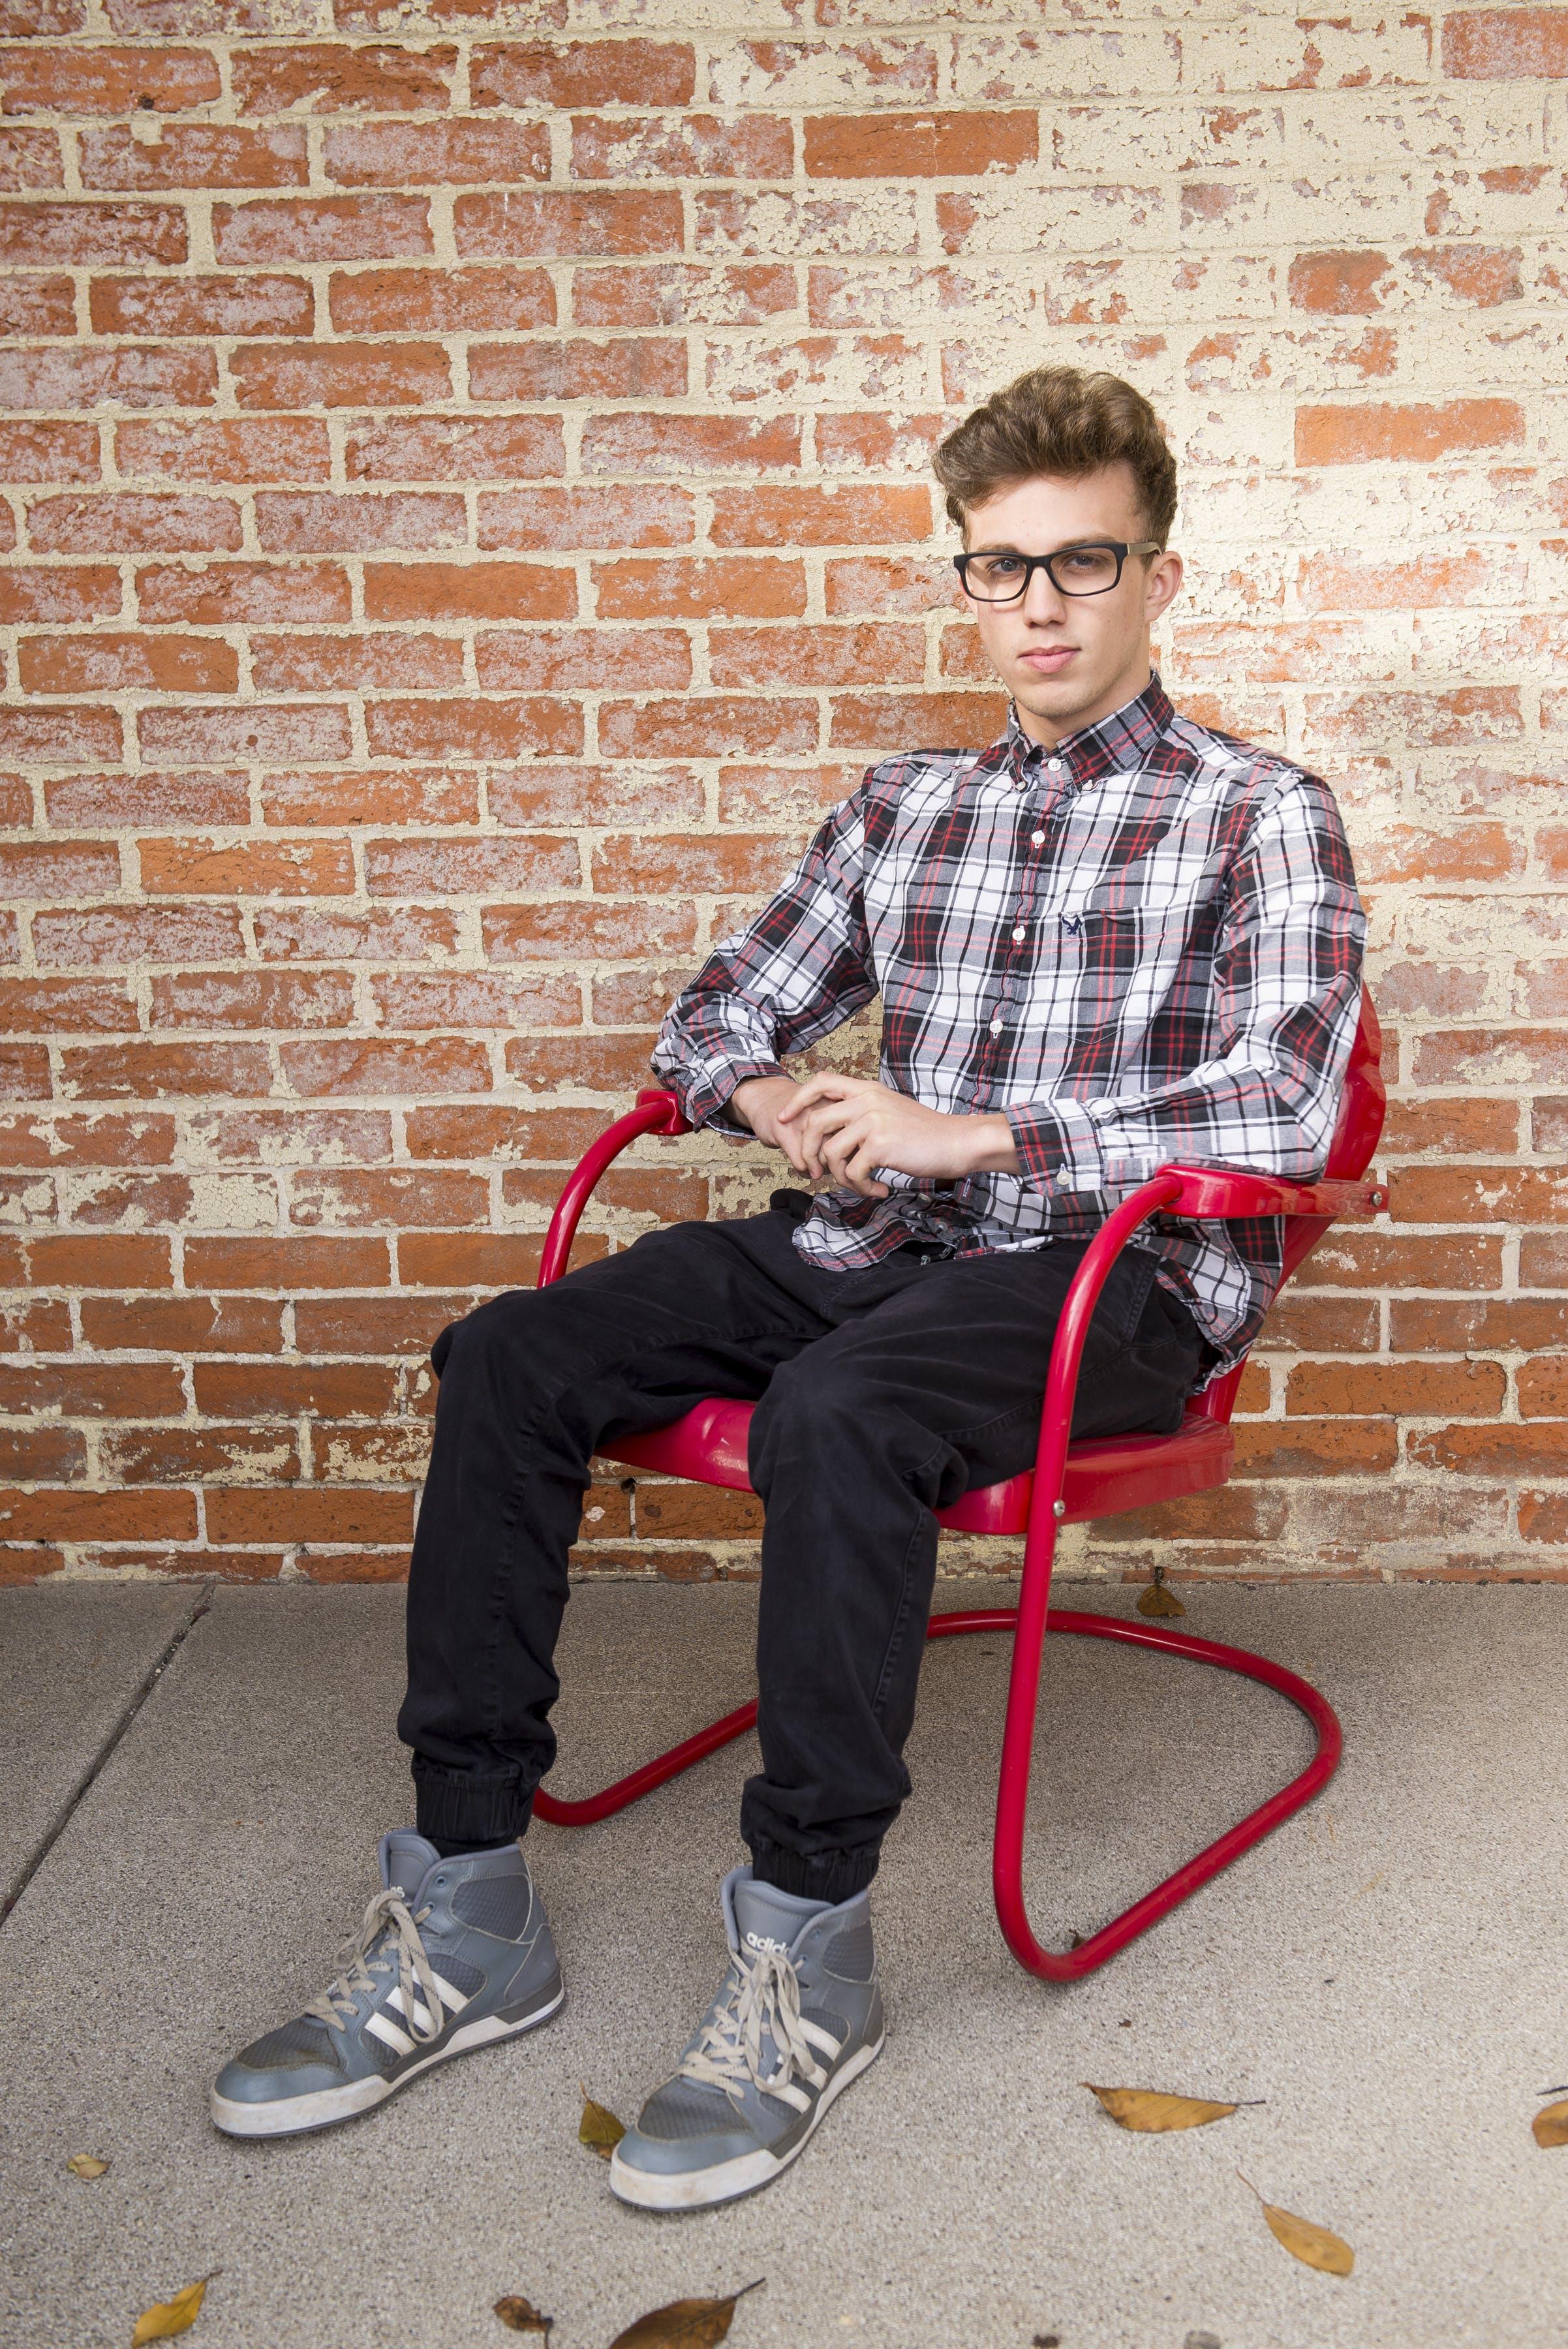 Gratis stockfoto met adolescent, bakstenen muur, casual, iemand